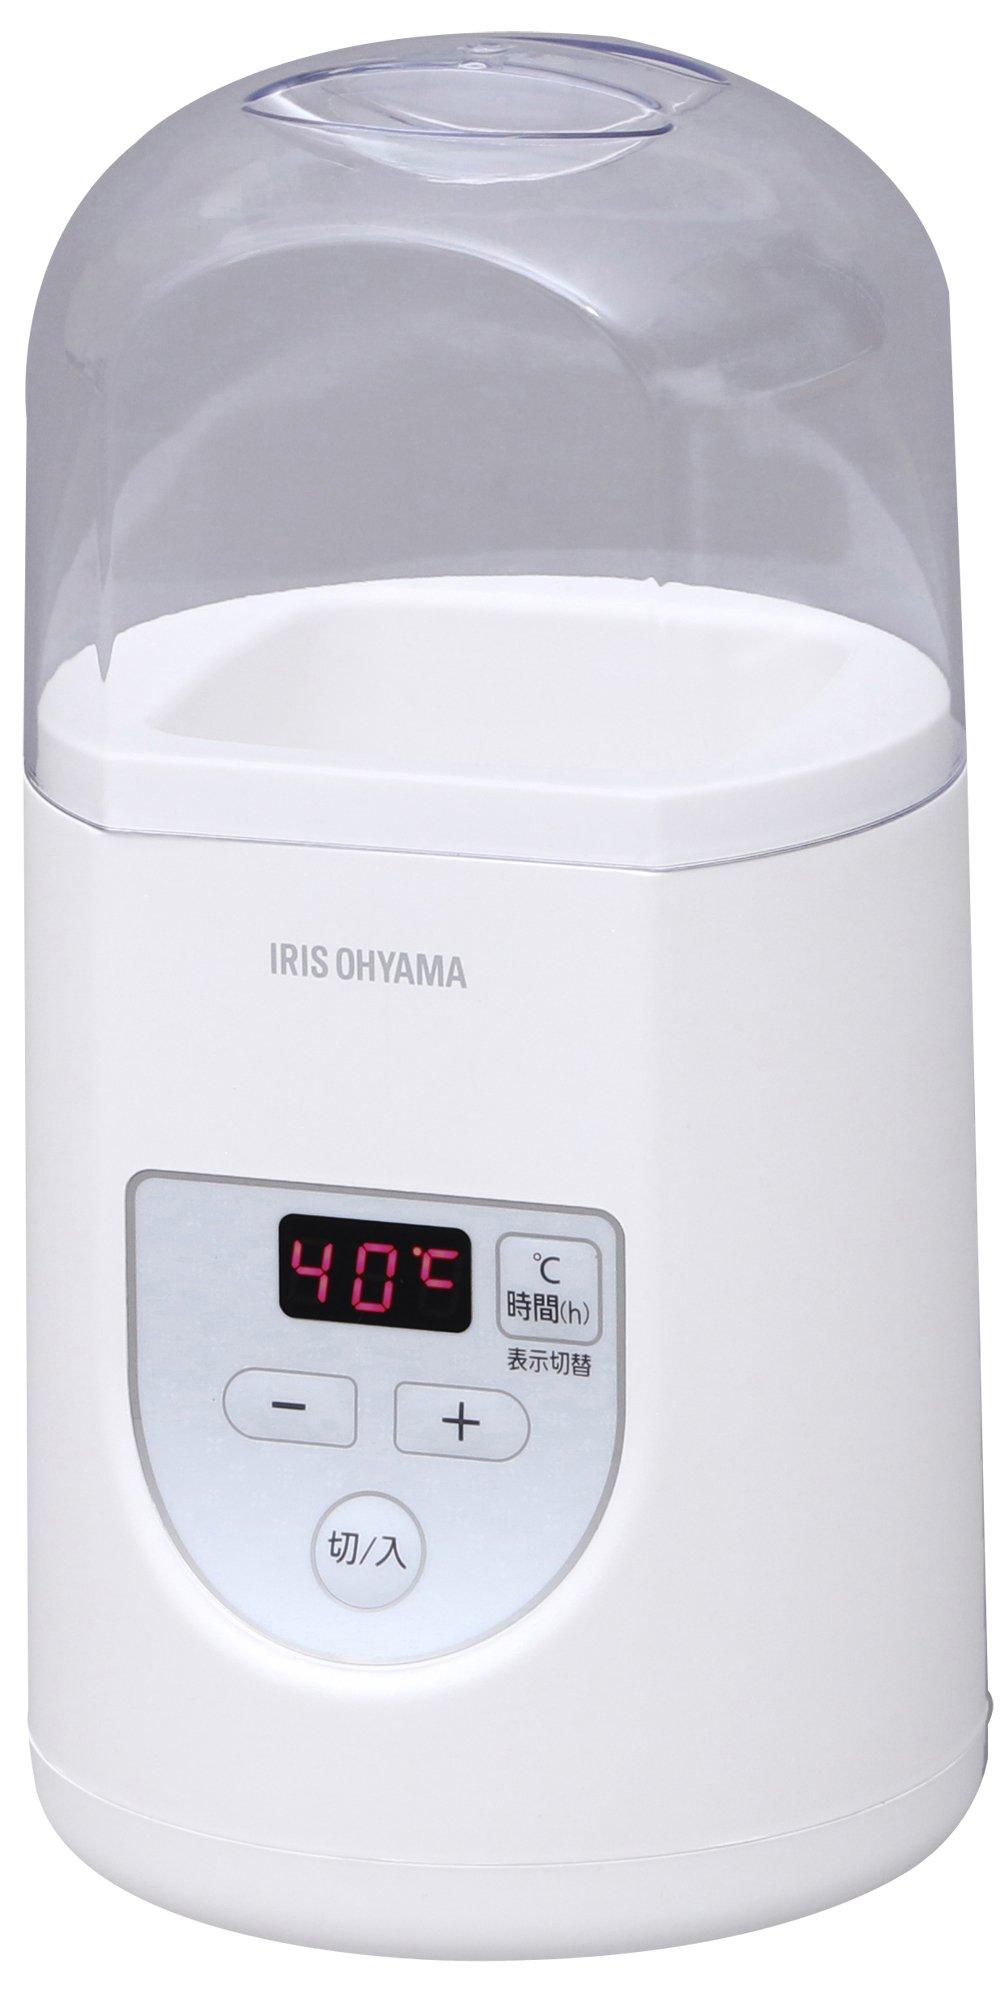 アイリスオーヤマ ヨーグルトメーカー プレミアム 温度調節機能付き ホワイト IYM-012 product image